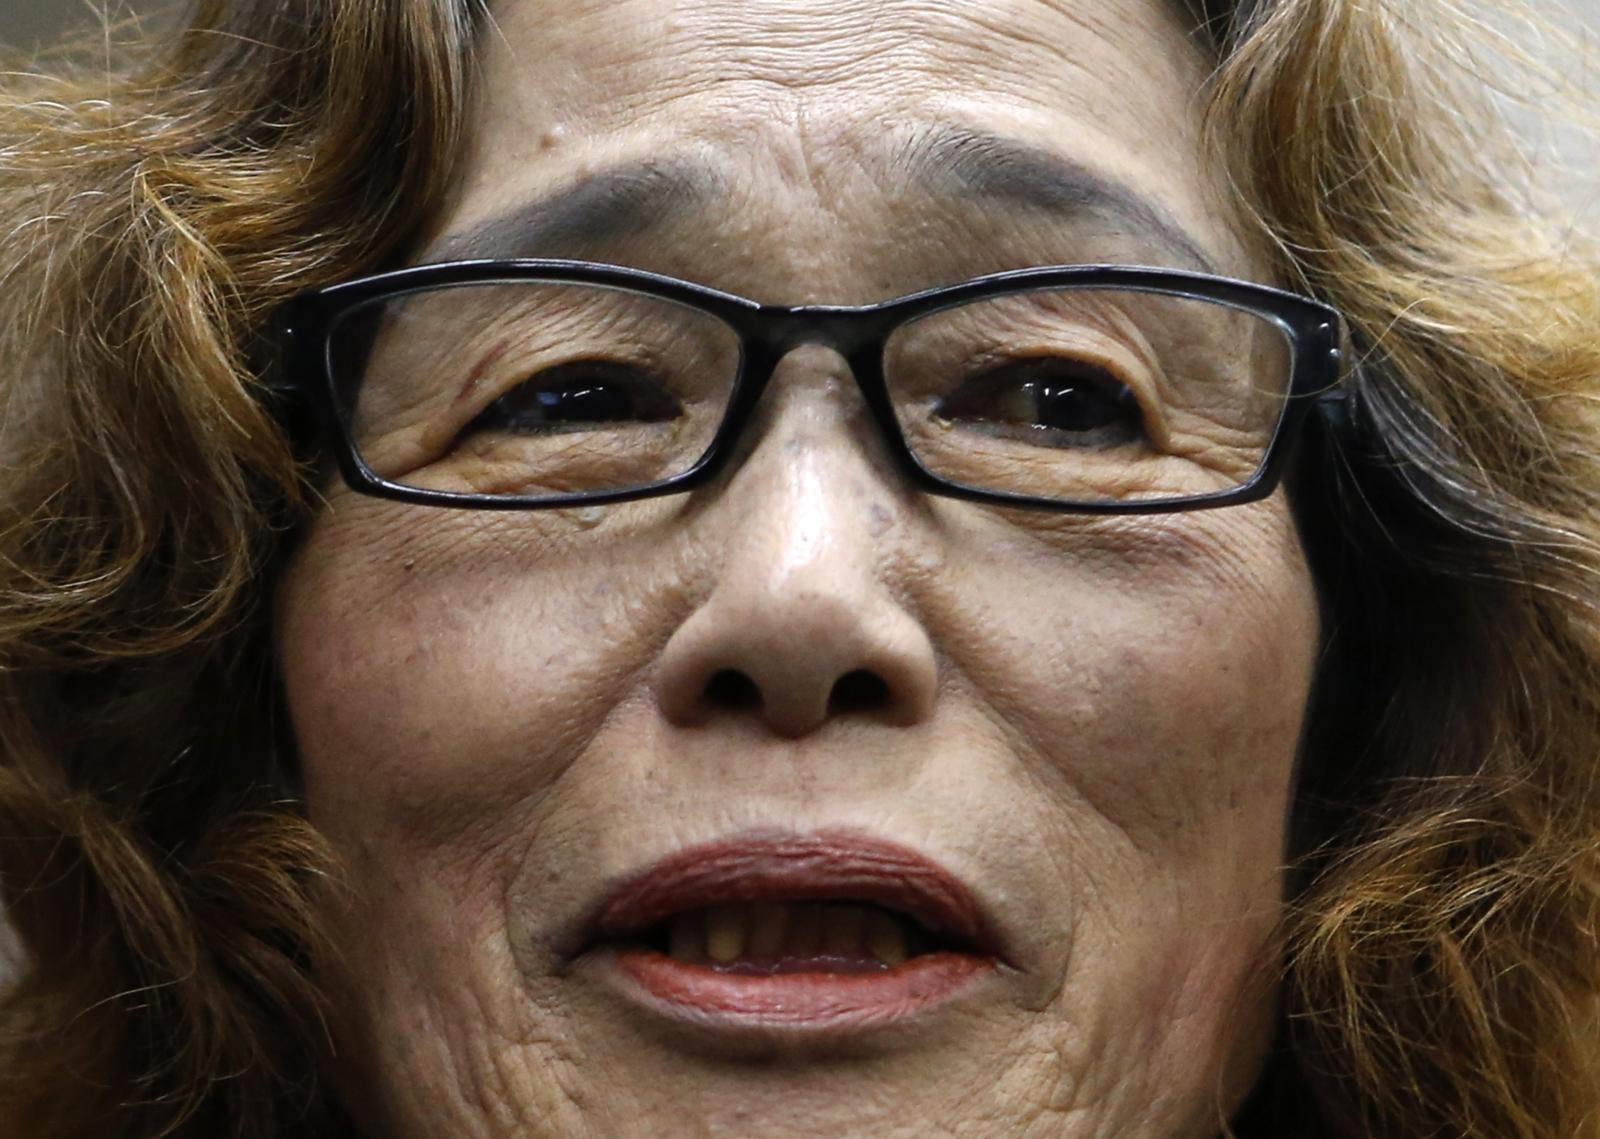 Isis executes Japanese hostage Kenji Goto